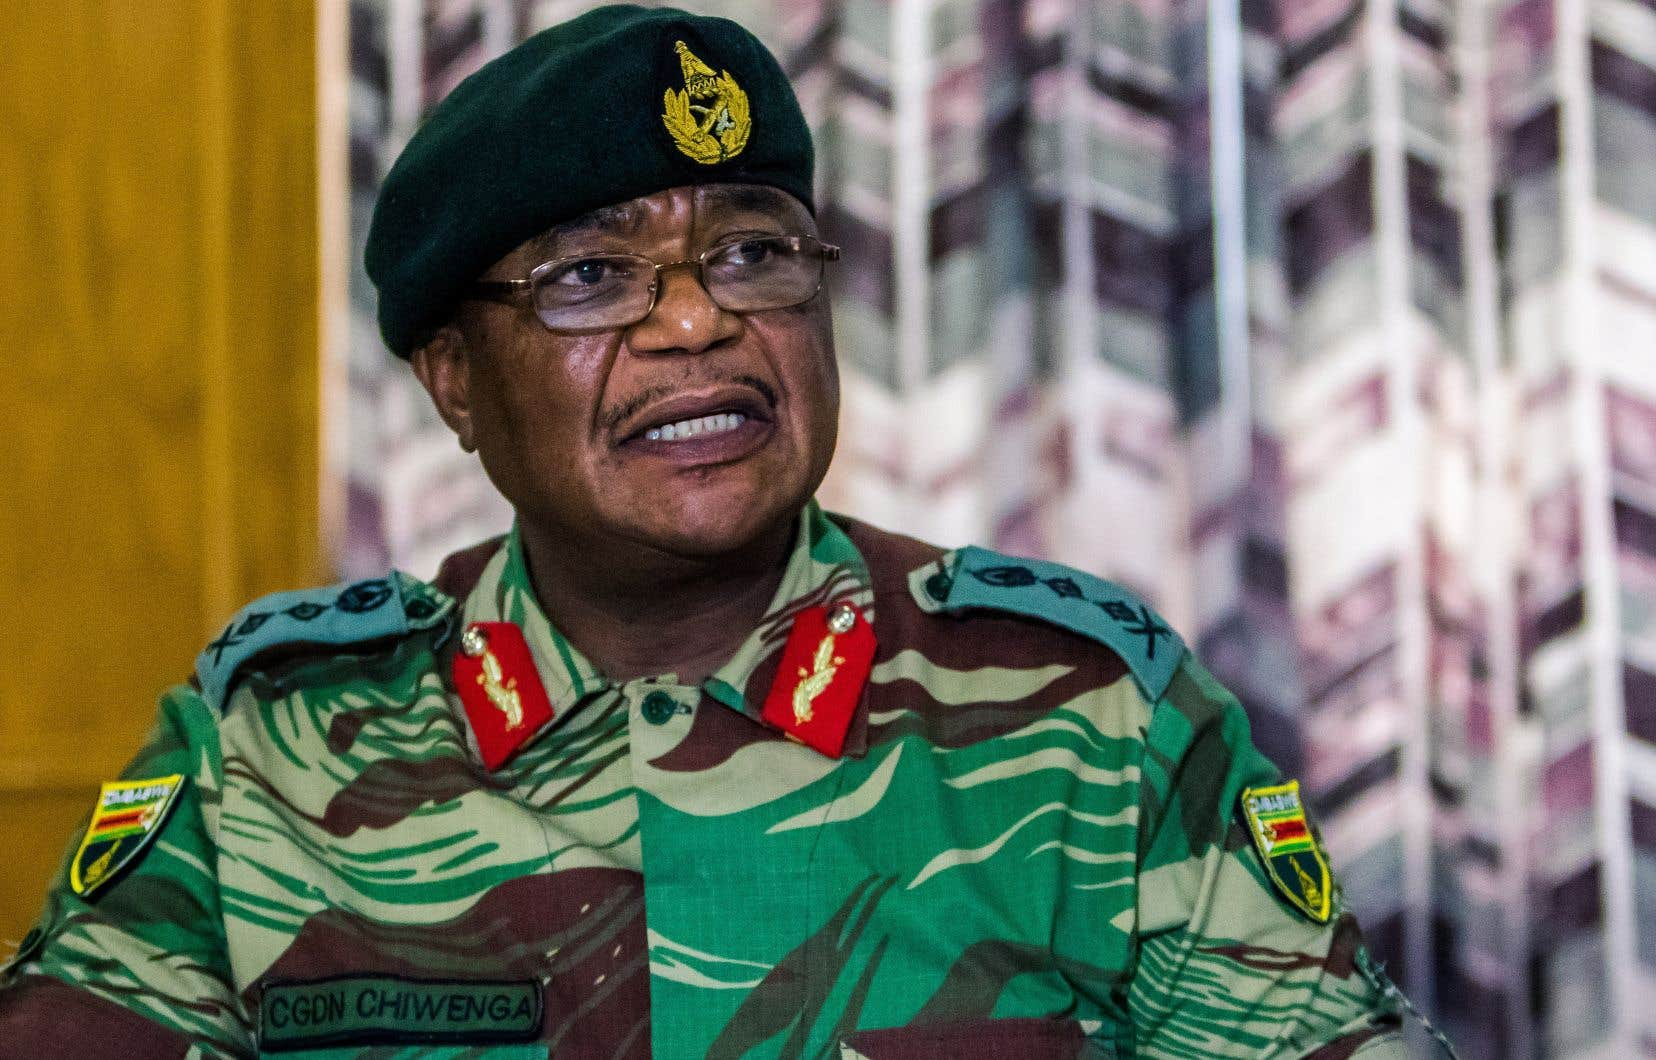 Ces événements surviennent au lendemain d'une mise en garde sans précédent du chef de l'armée,Constantino Chiwenga, à l'encontre du président Robert Mugabe.